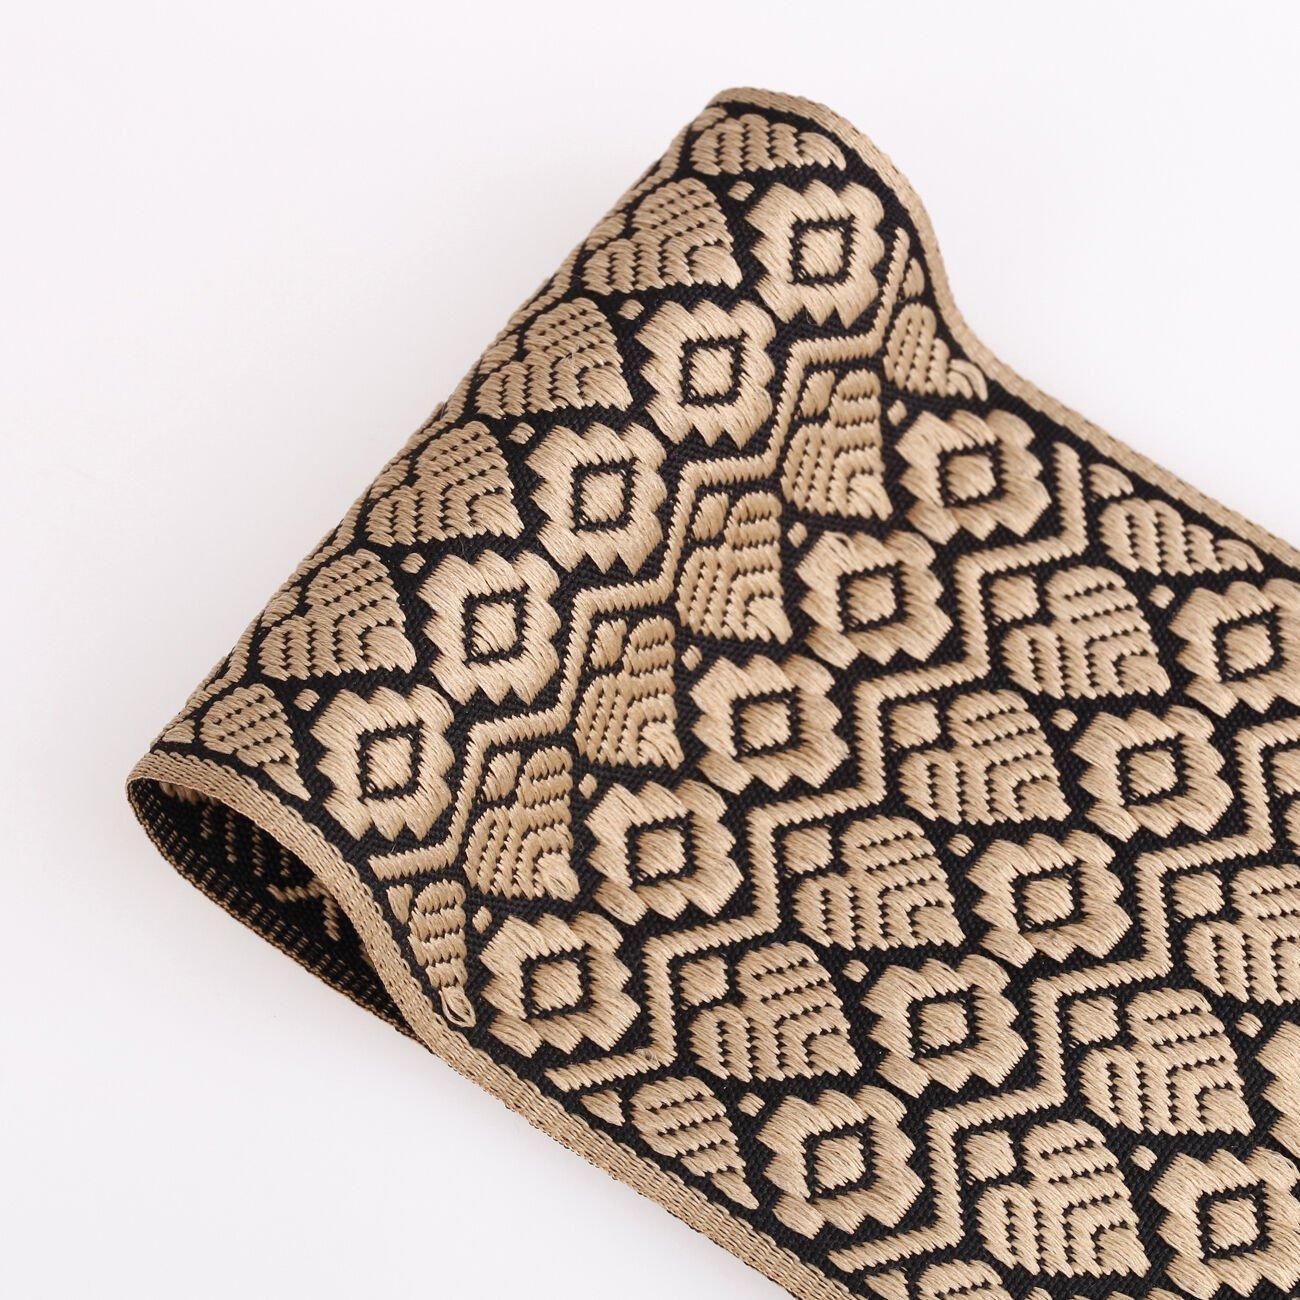 Neotrims naturel jute Motif Cachemire Jacquard,ornement décoration ruban Craft